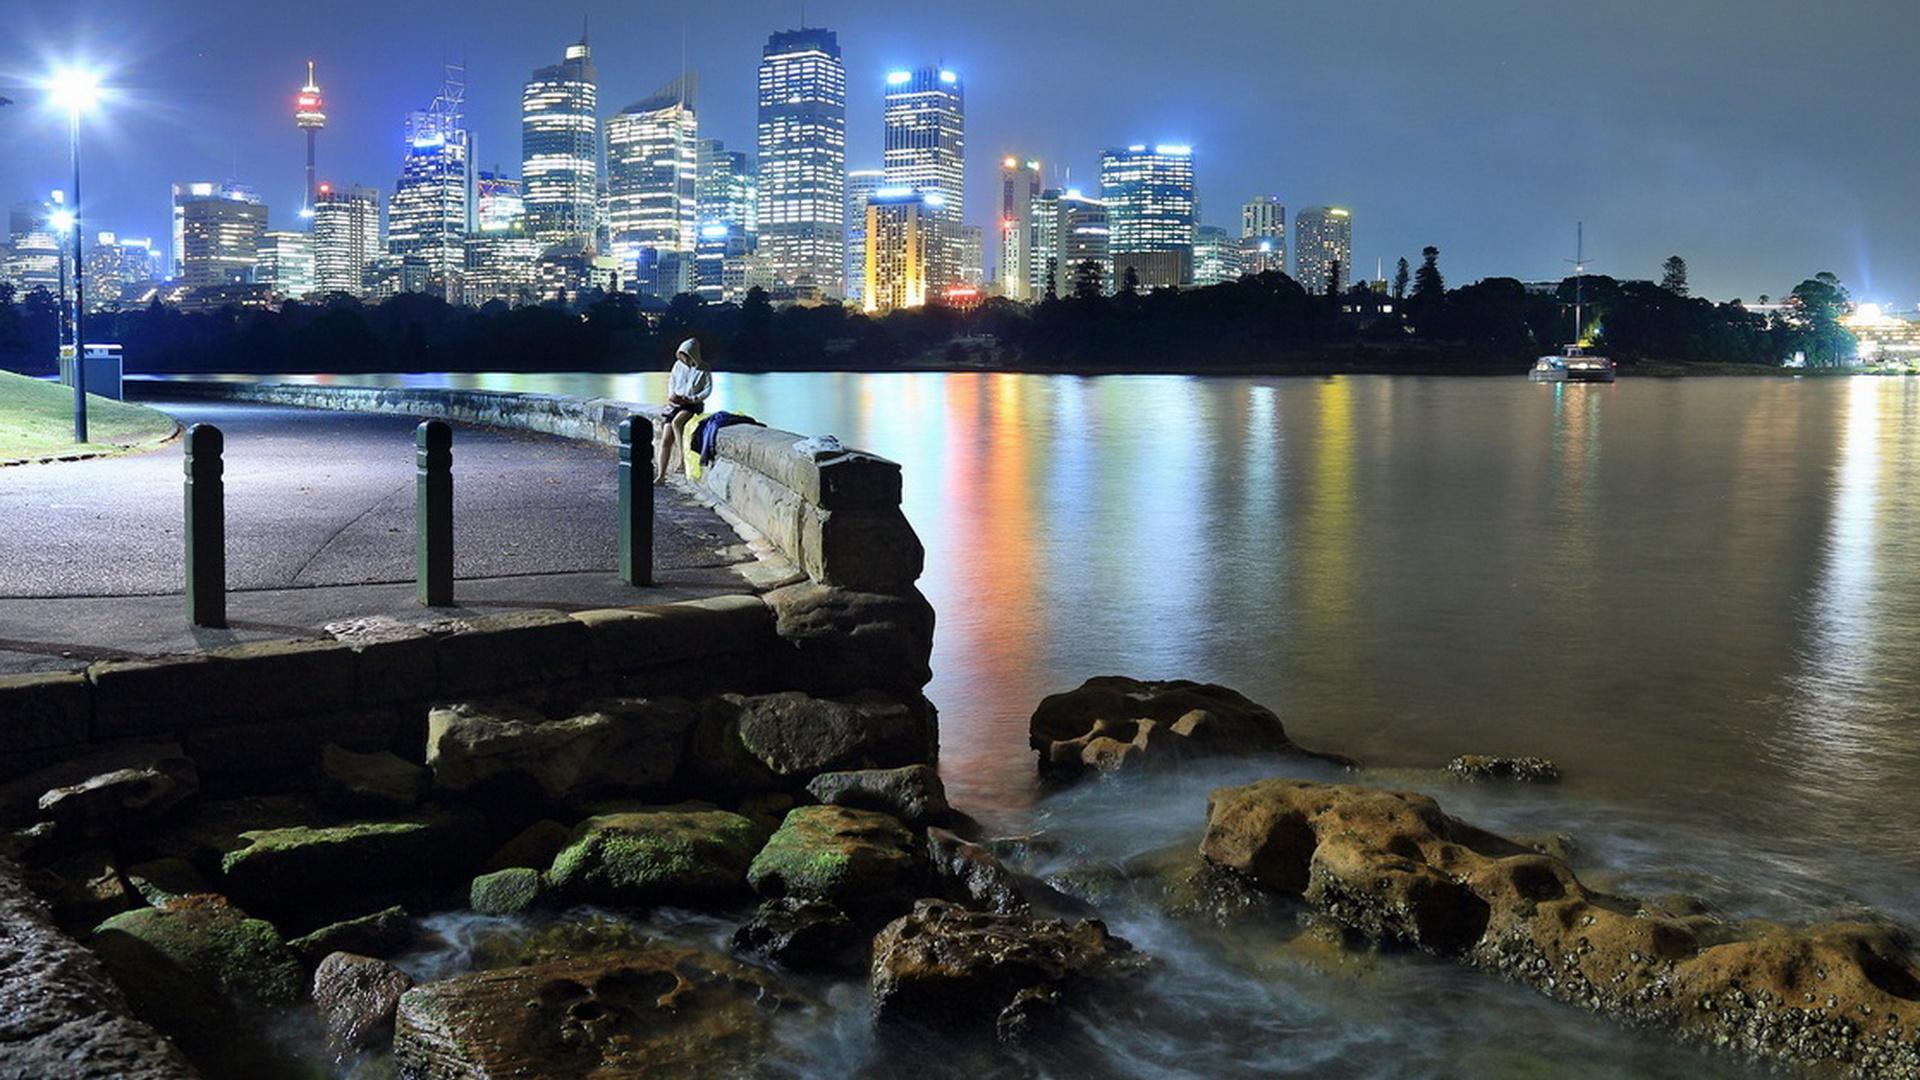 можно кликнуть красивая набережная города японии востока фото фото романтичный, милый